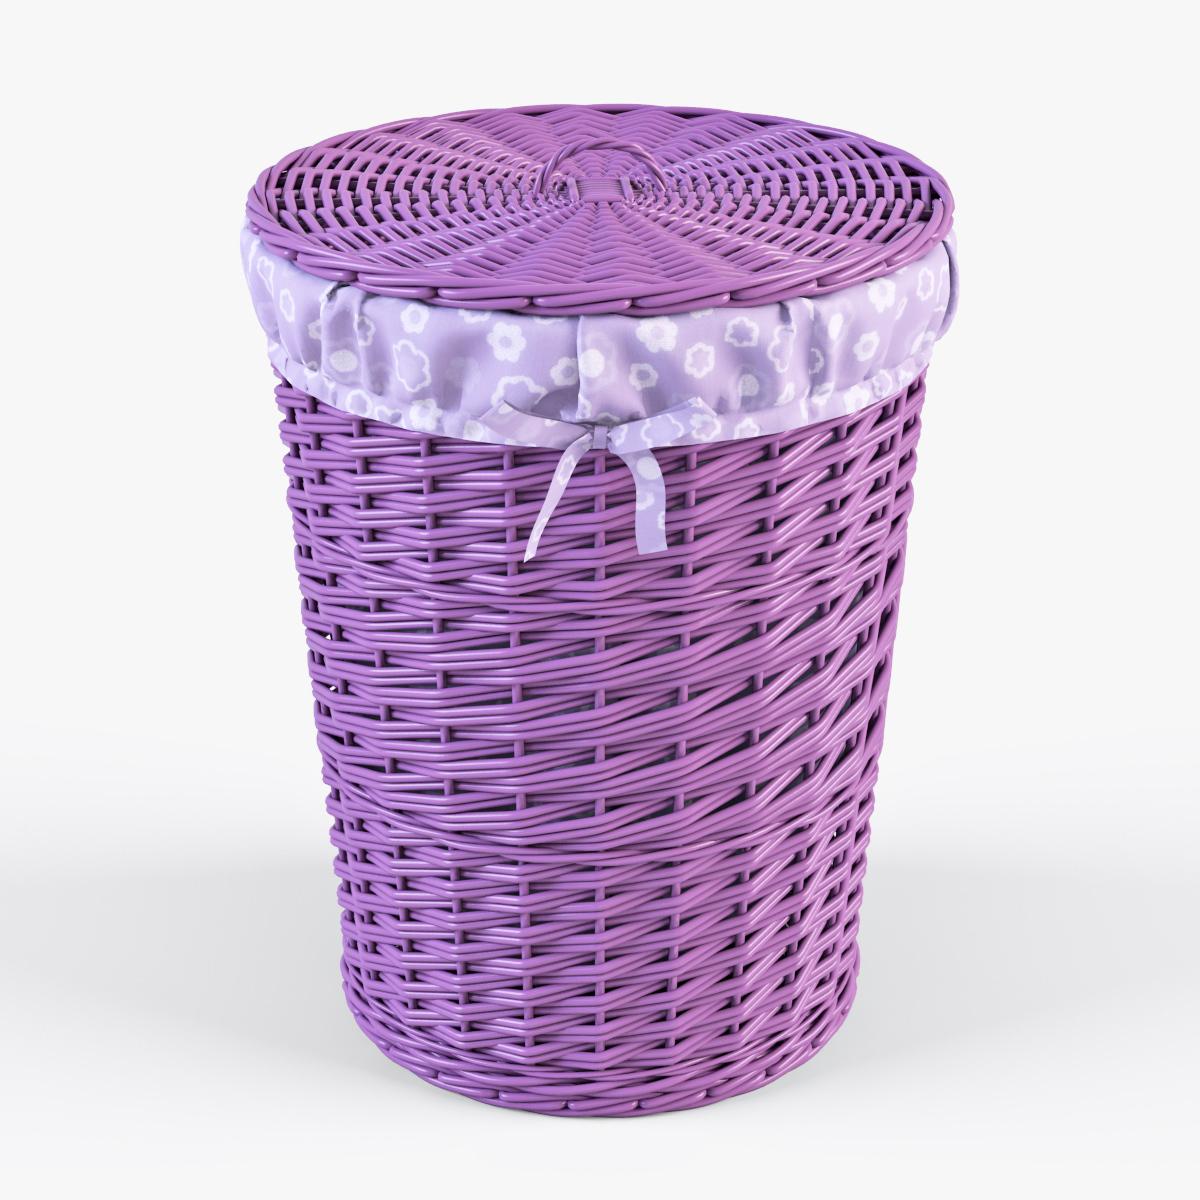 Wicker Laundry Basket 03 Purple Color By Markelos 3docean